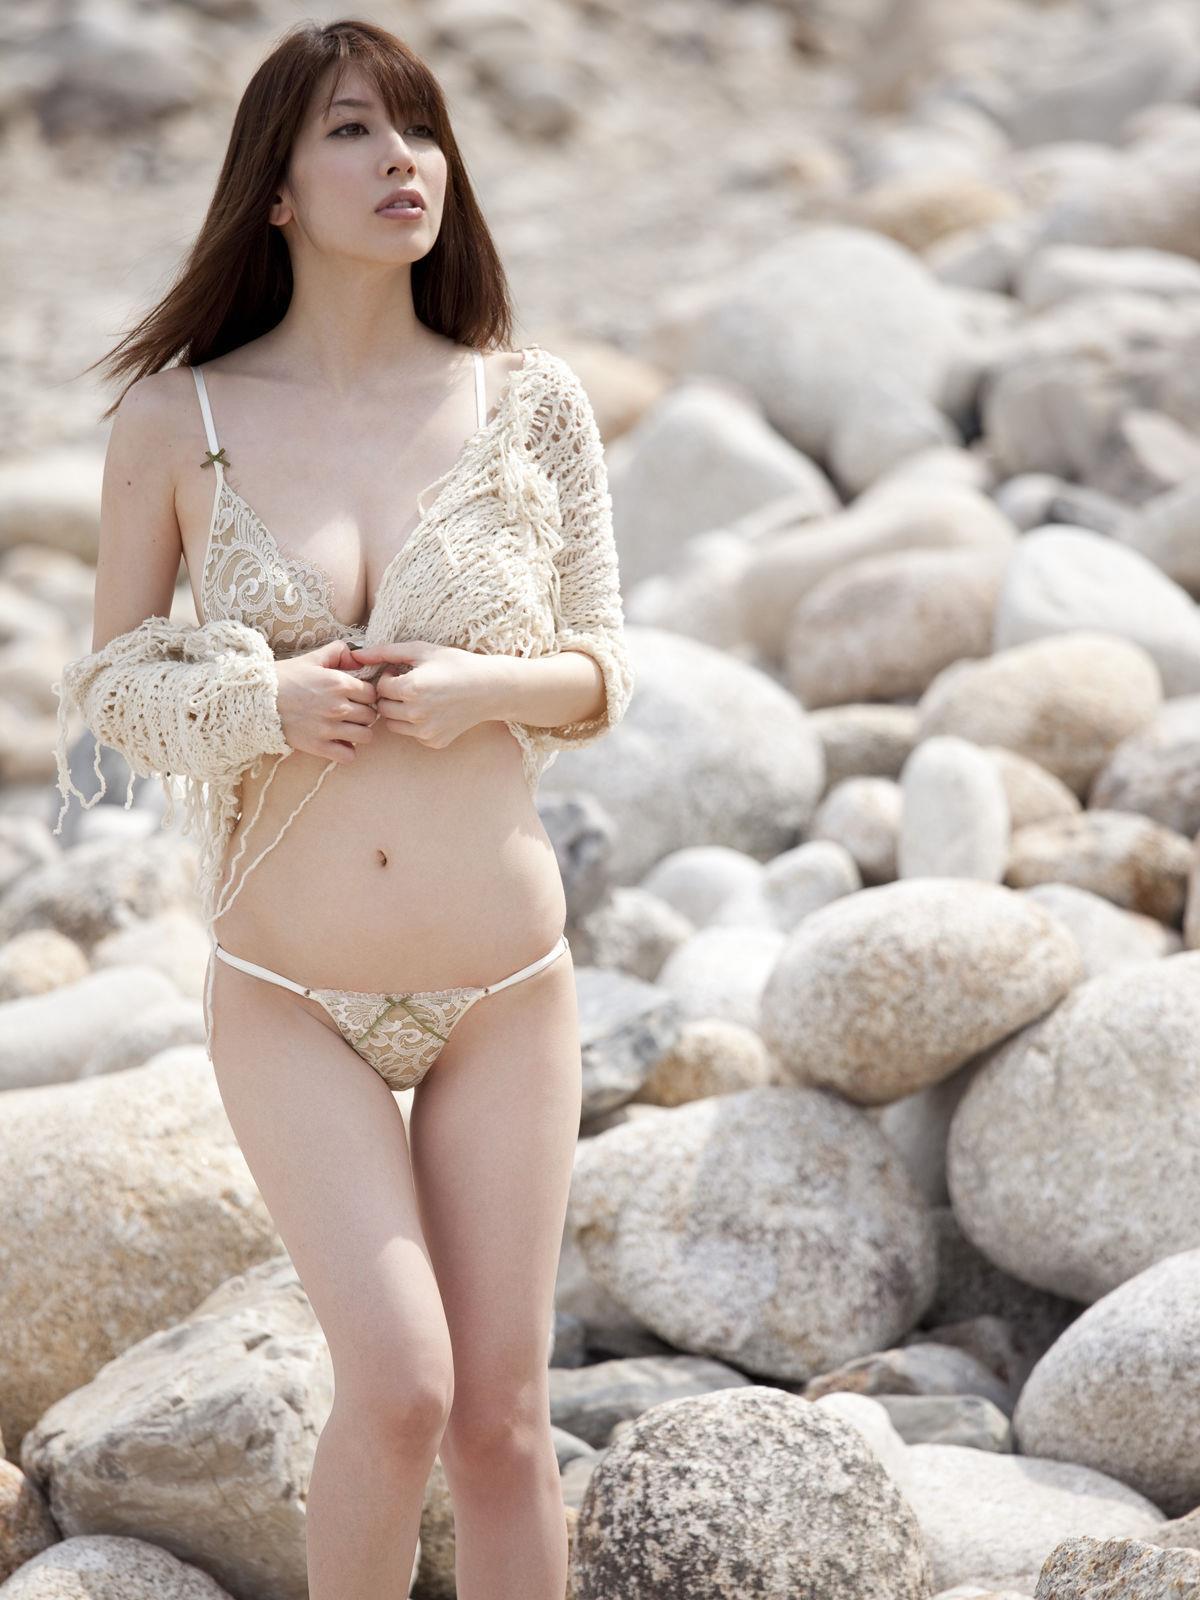 小林恵美 セミヌード画像 69